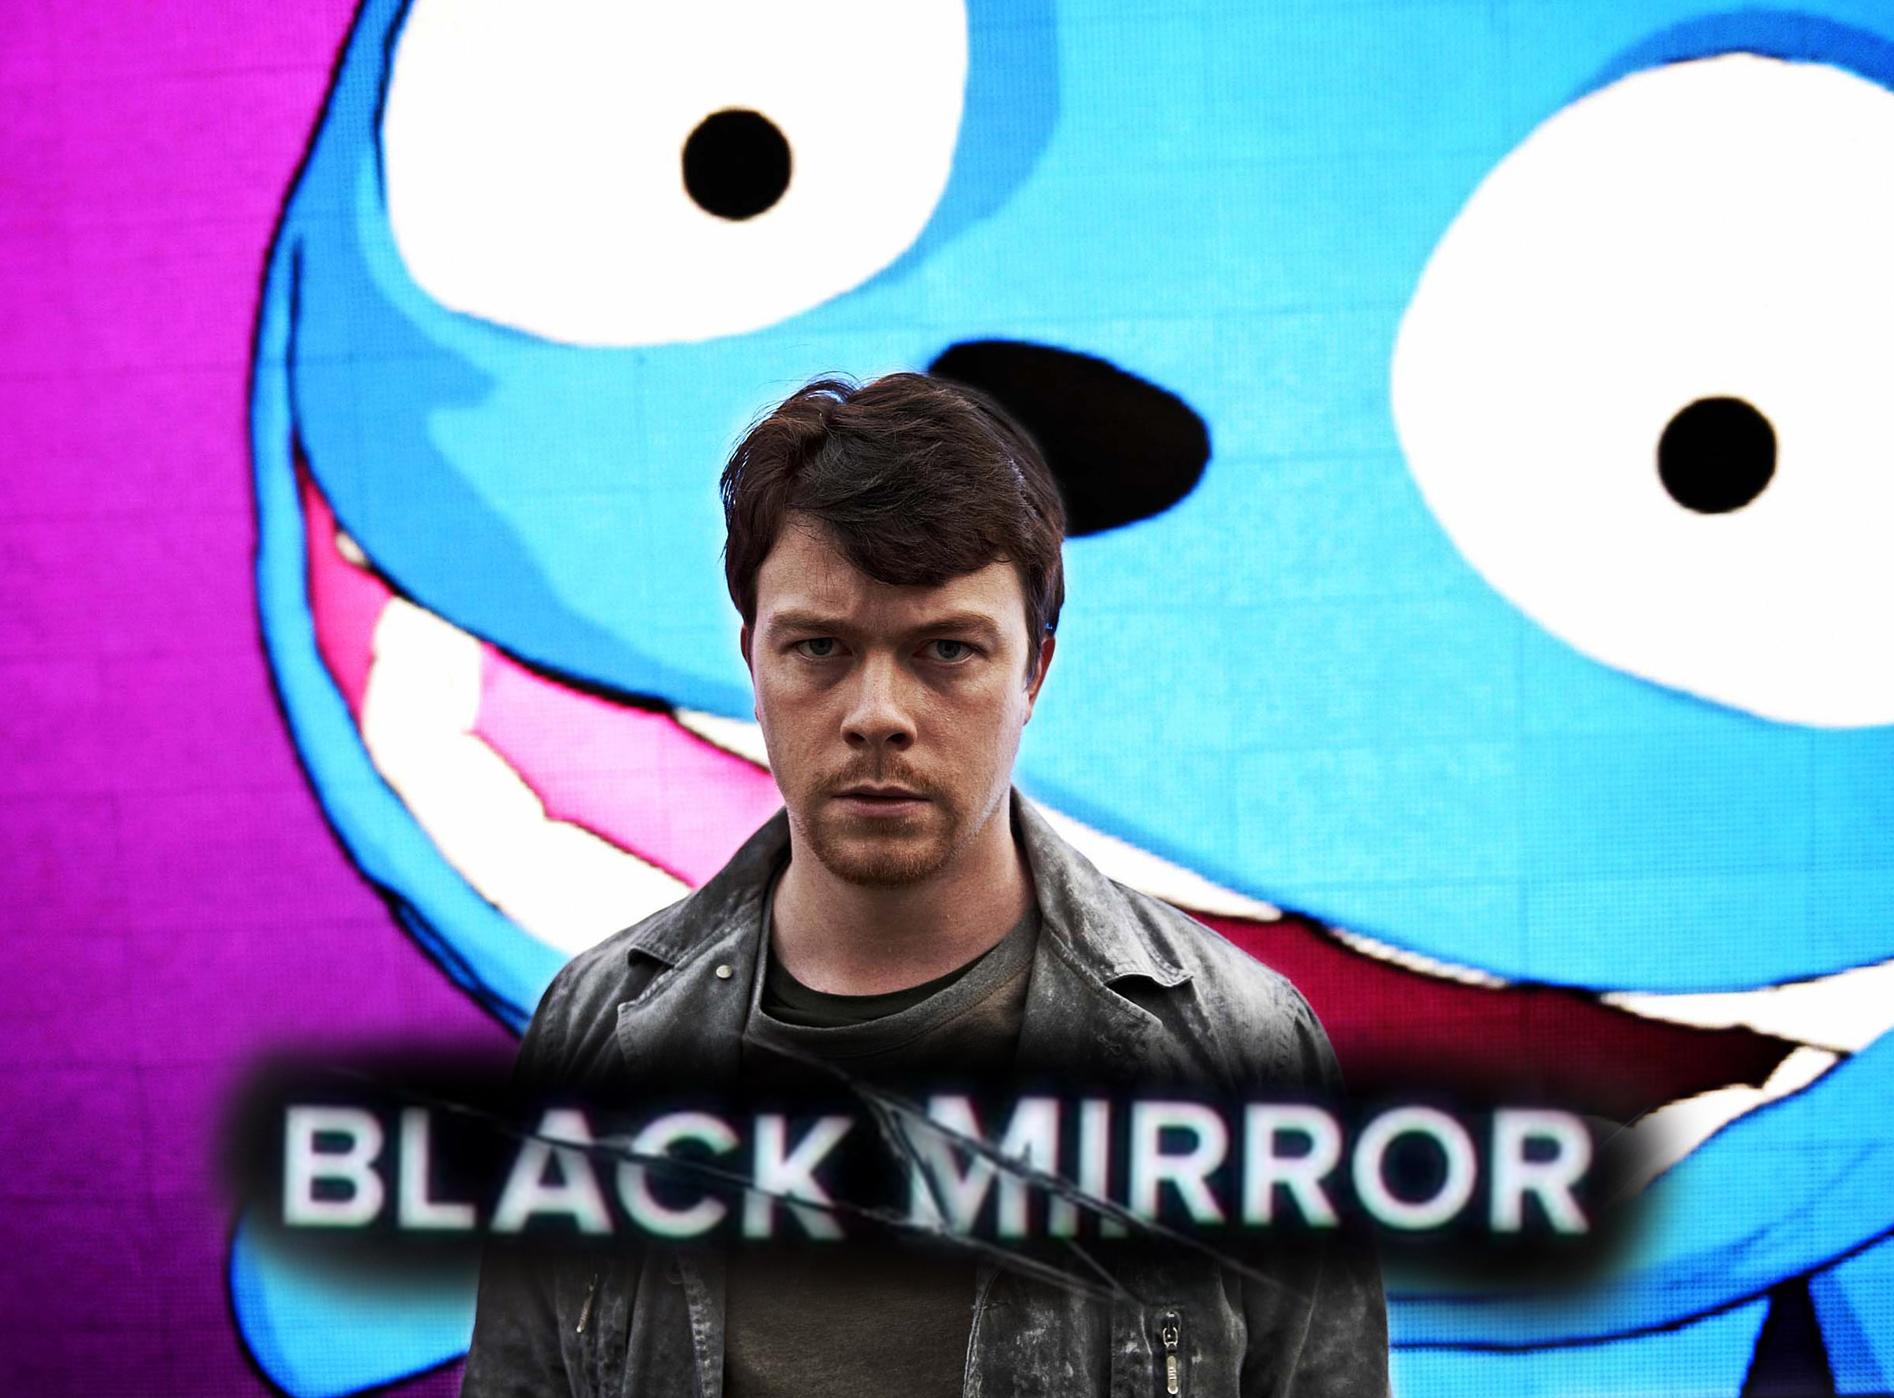 """Episode 62: Black Mirror, Part II<a href=""""http://www.strideandsaunter.com/new-blog/2015/10/12/episode-62-black-mirror-part-ii"""">Listen →</a></p>"""